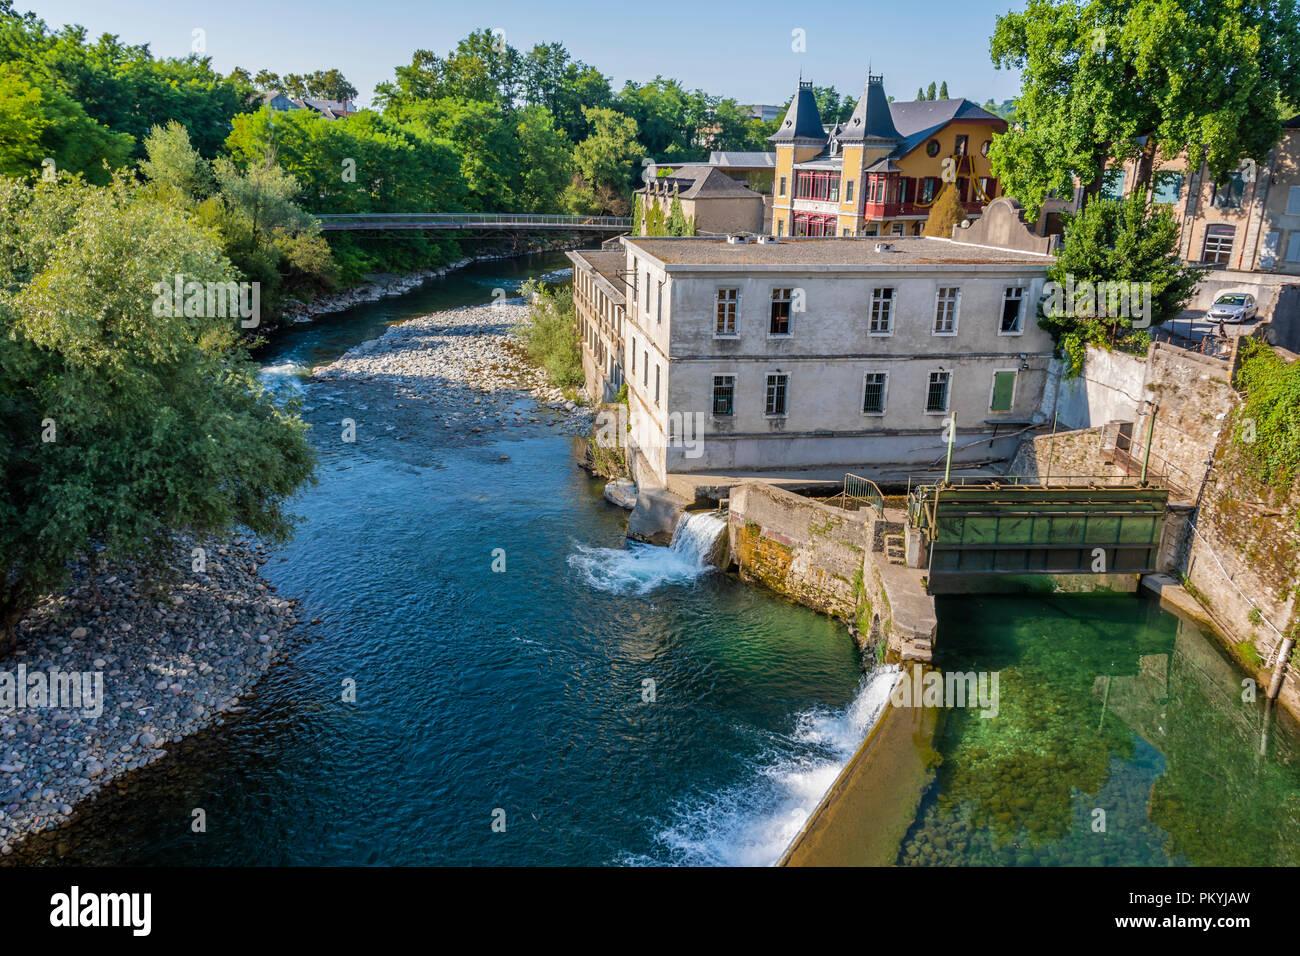 Vista de las presas en el río oloron Saint Claire desde el puente. Oloron Saint Marie france Foto de stock